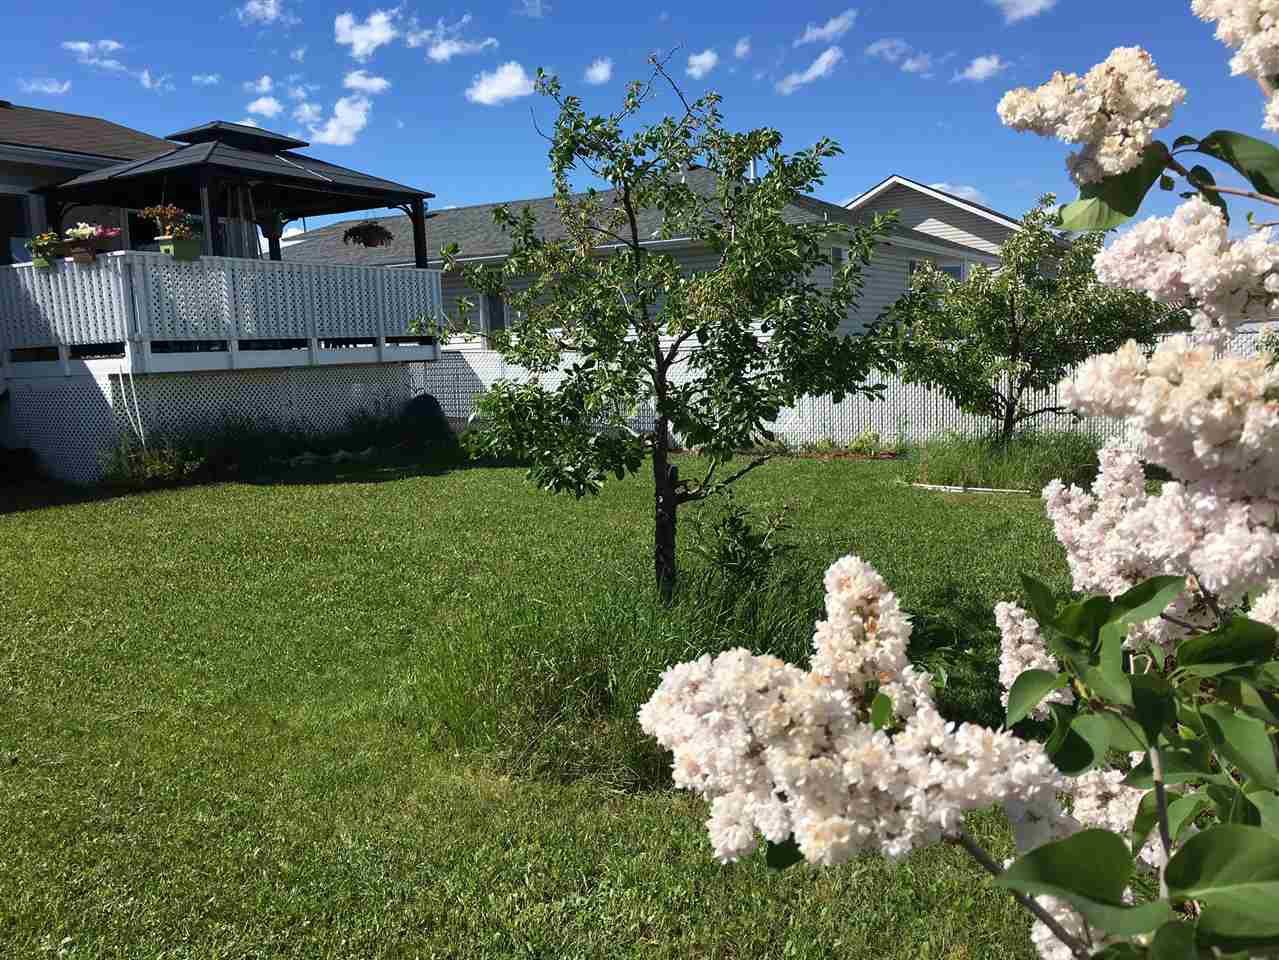 Photo 17: Photos: 10603 90 Street in Fort St. John: Fort St. John - City NE House for sale (Fort St. John (Zone 60))  : MLS®# R2406620